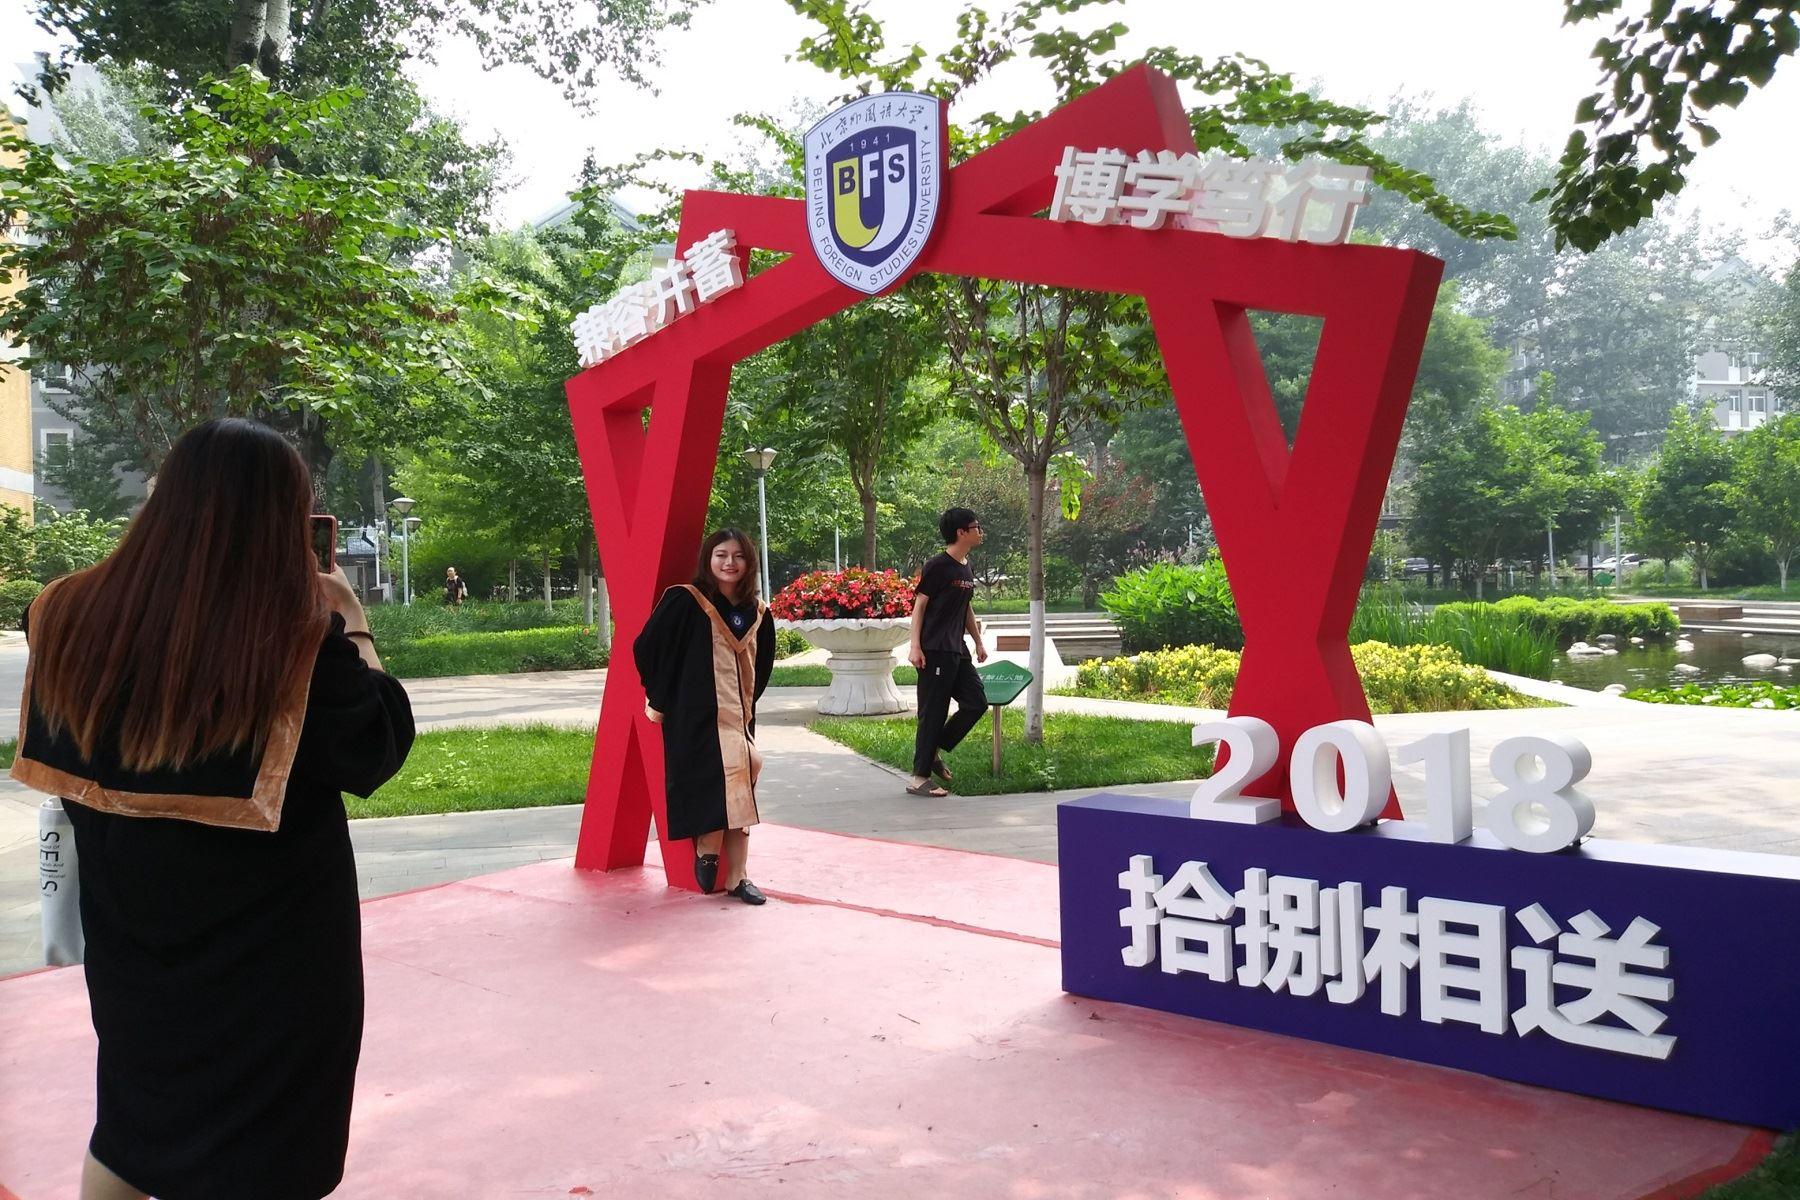 Estudiantes de China Foto: Sonia Millones